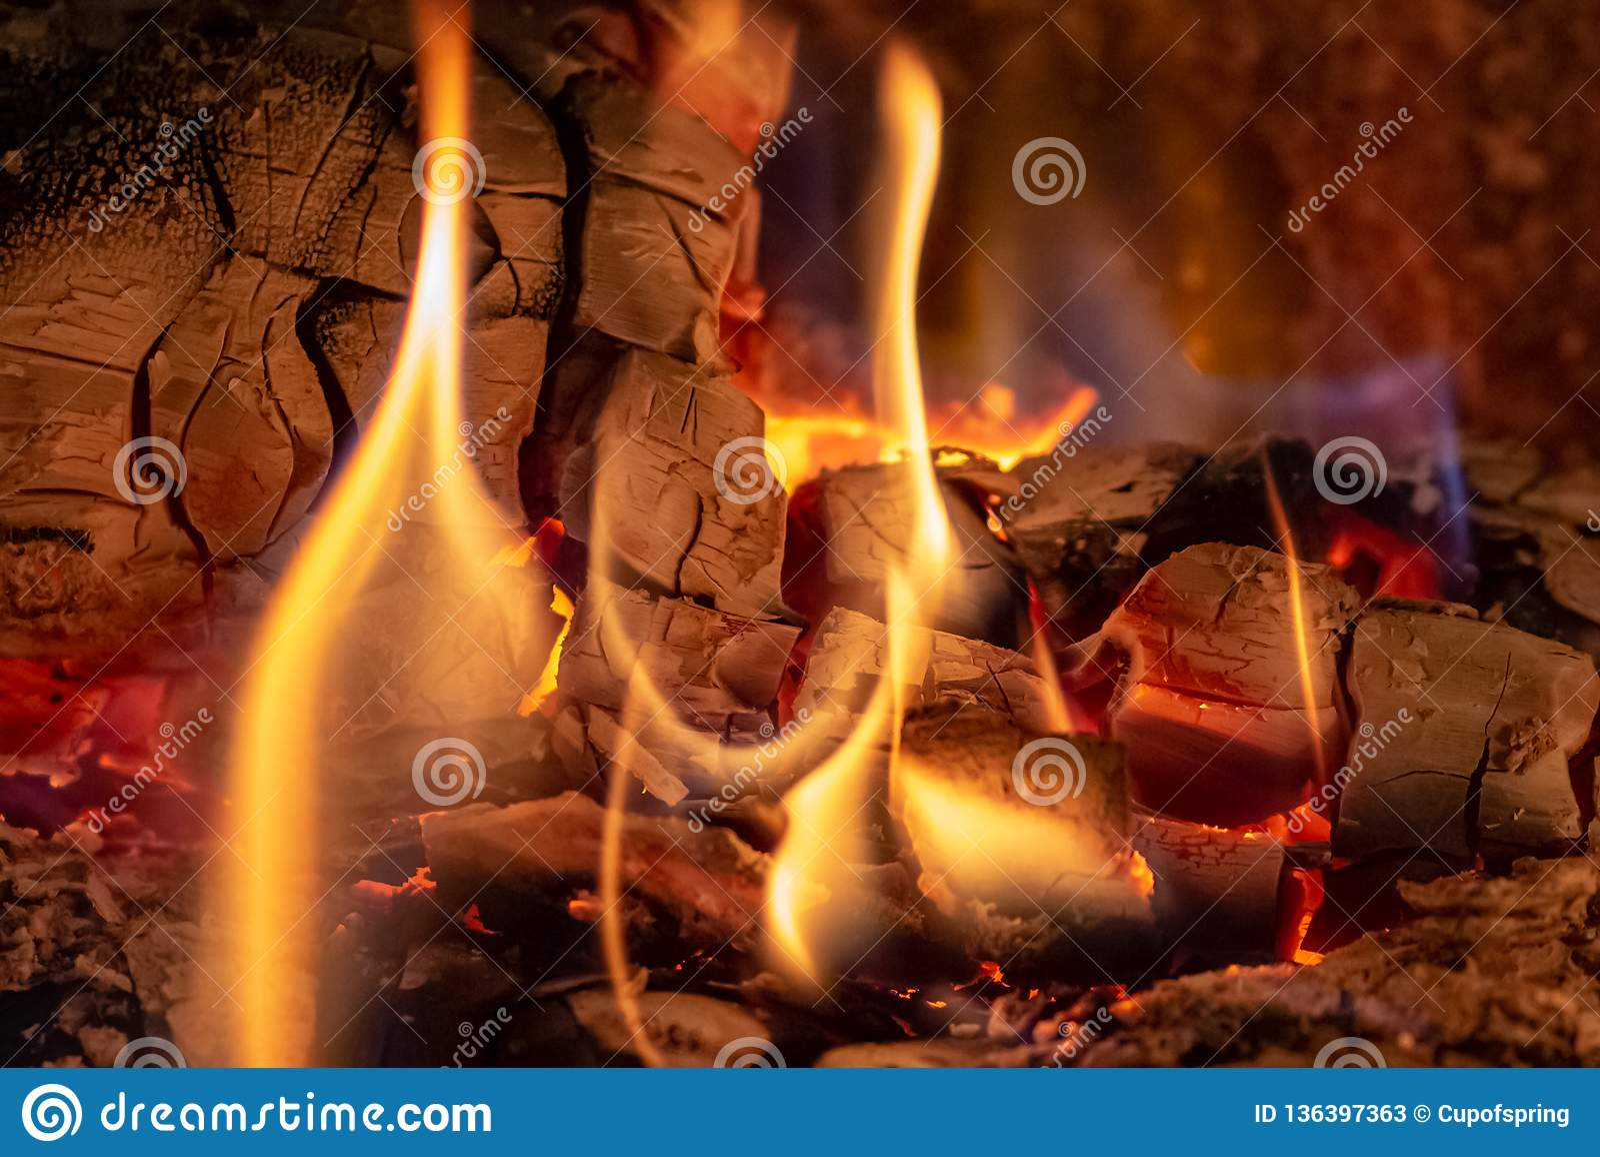 Близкая поднимающая вверх съемка горящего швырка в камине на времени рождества